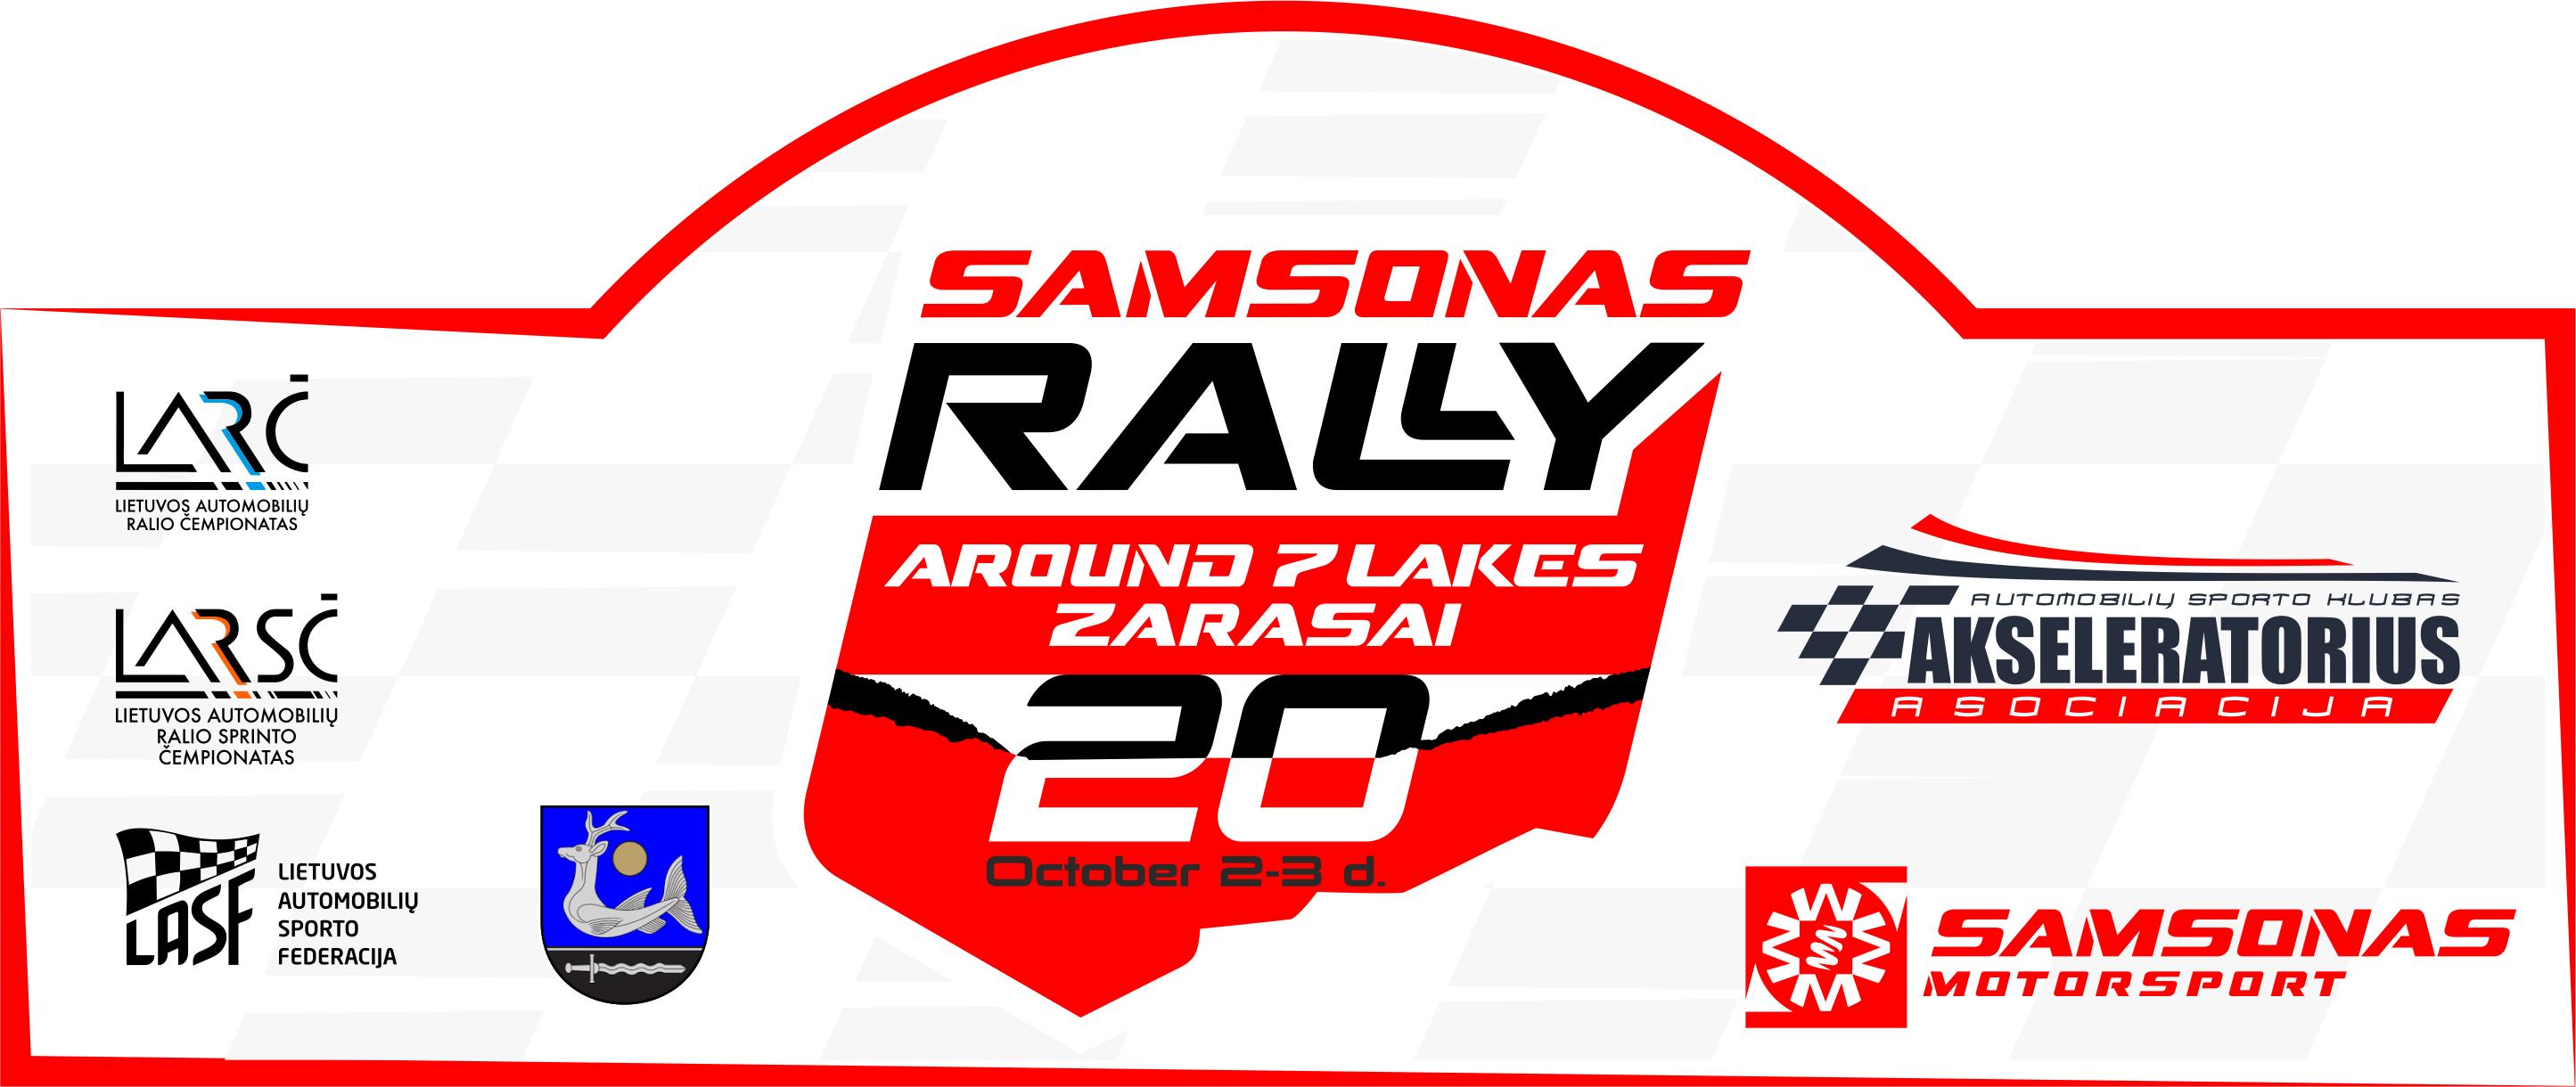 Samsonas Around 7 Lakes Rally